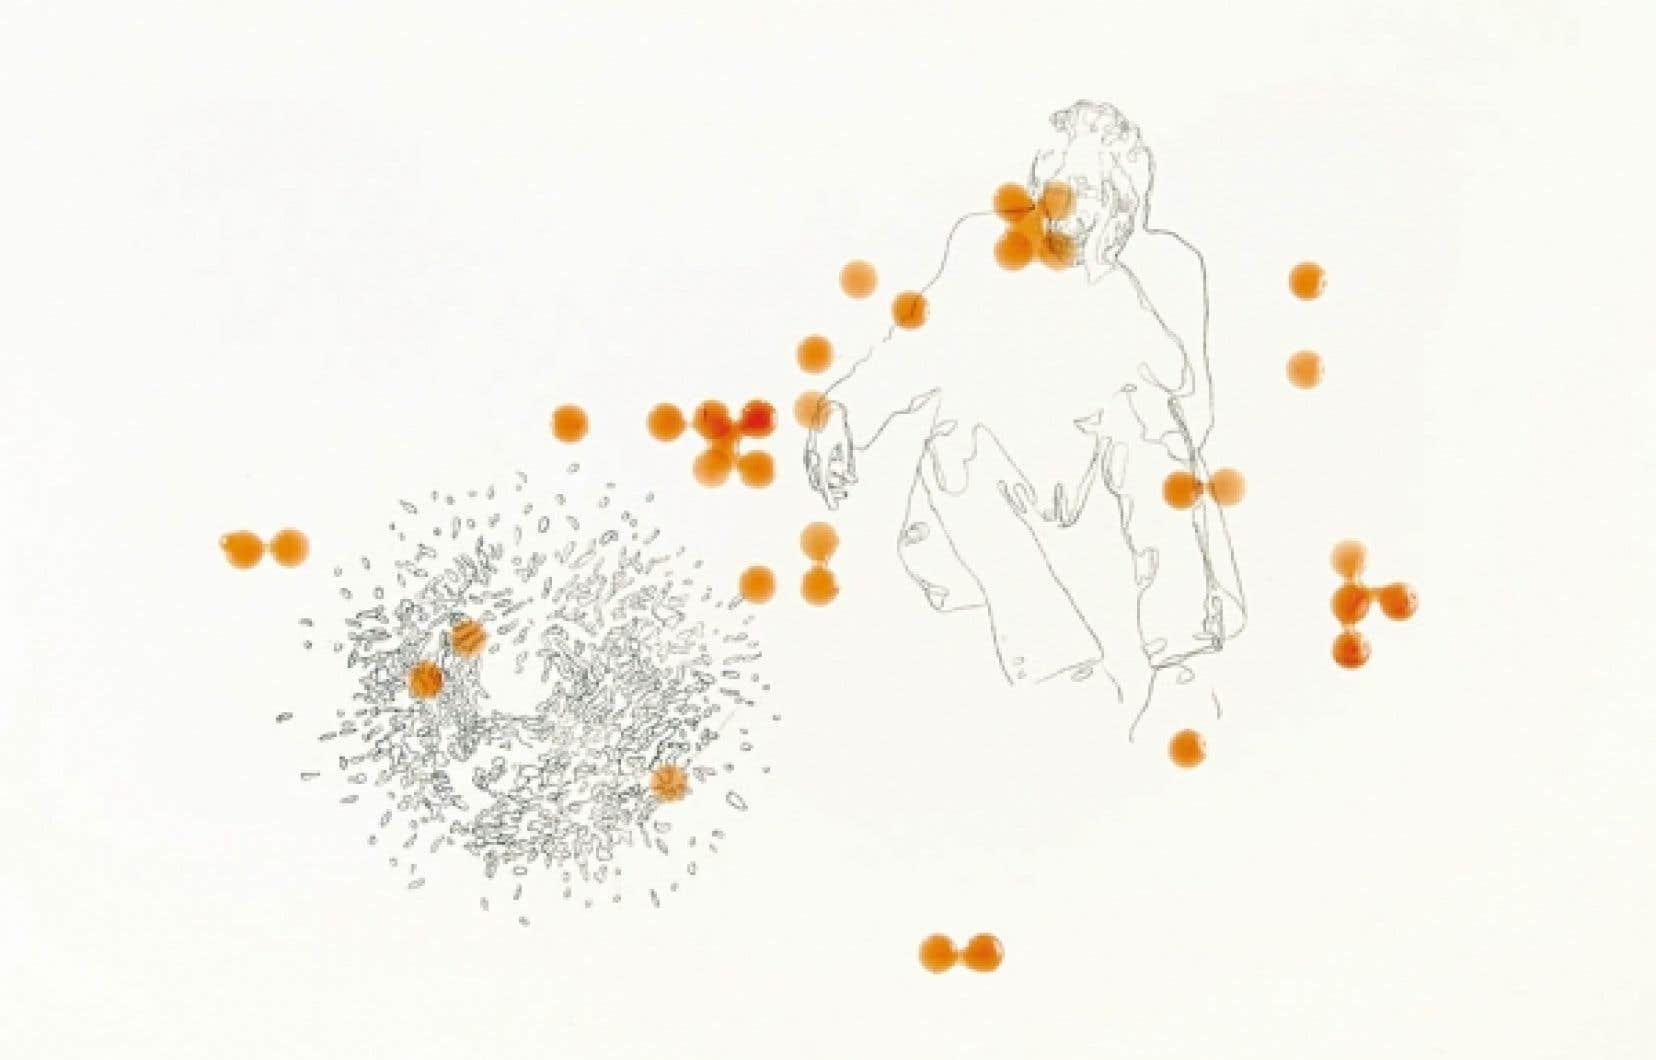 Patrice Duhamel, Sans titre, vers 2003-2004, tracé au carbone, autocollant et résine sur papier, 38 x 50,5 cm<br />